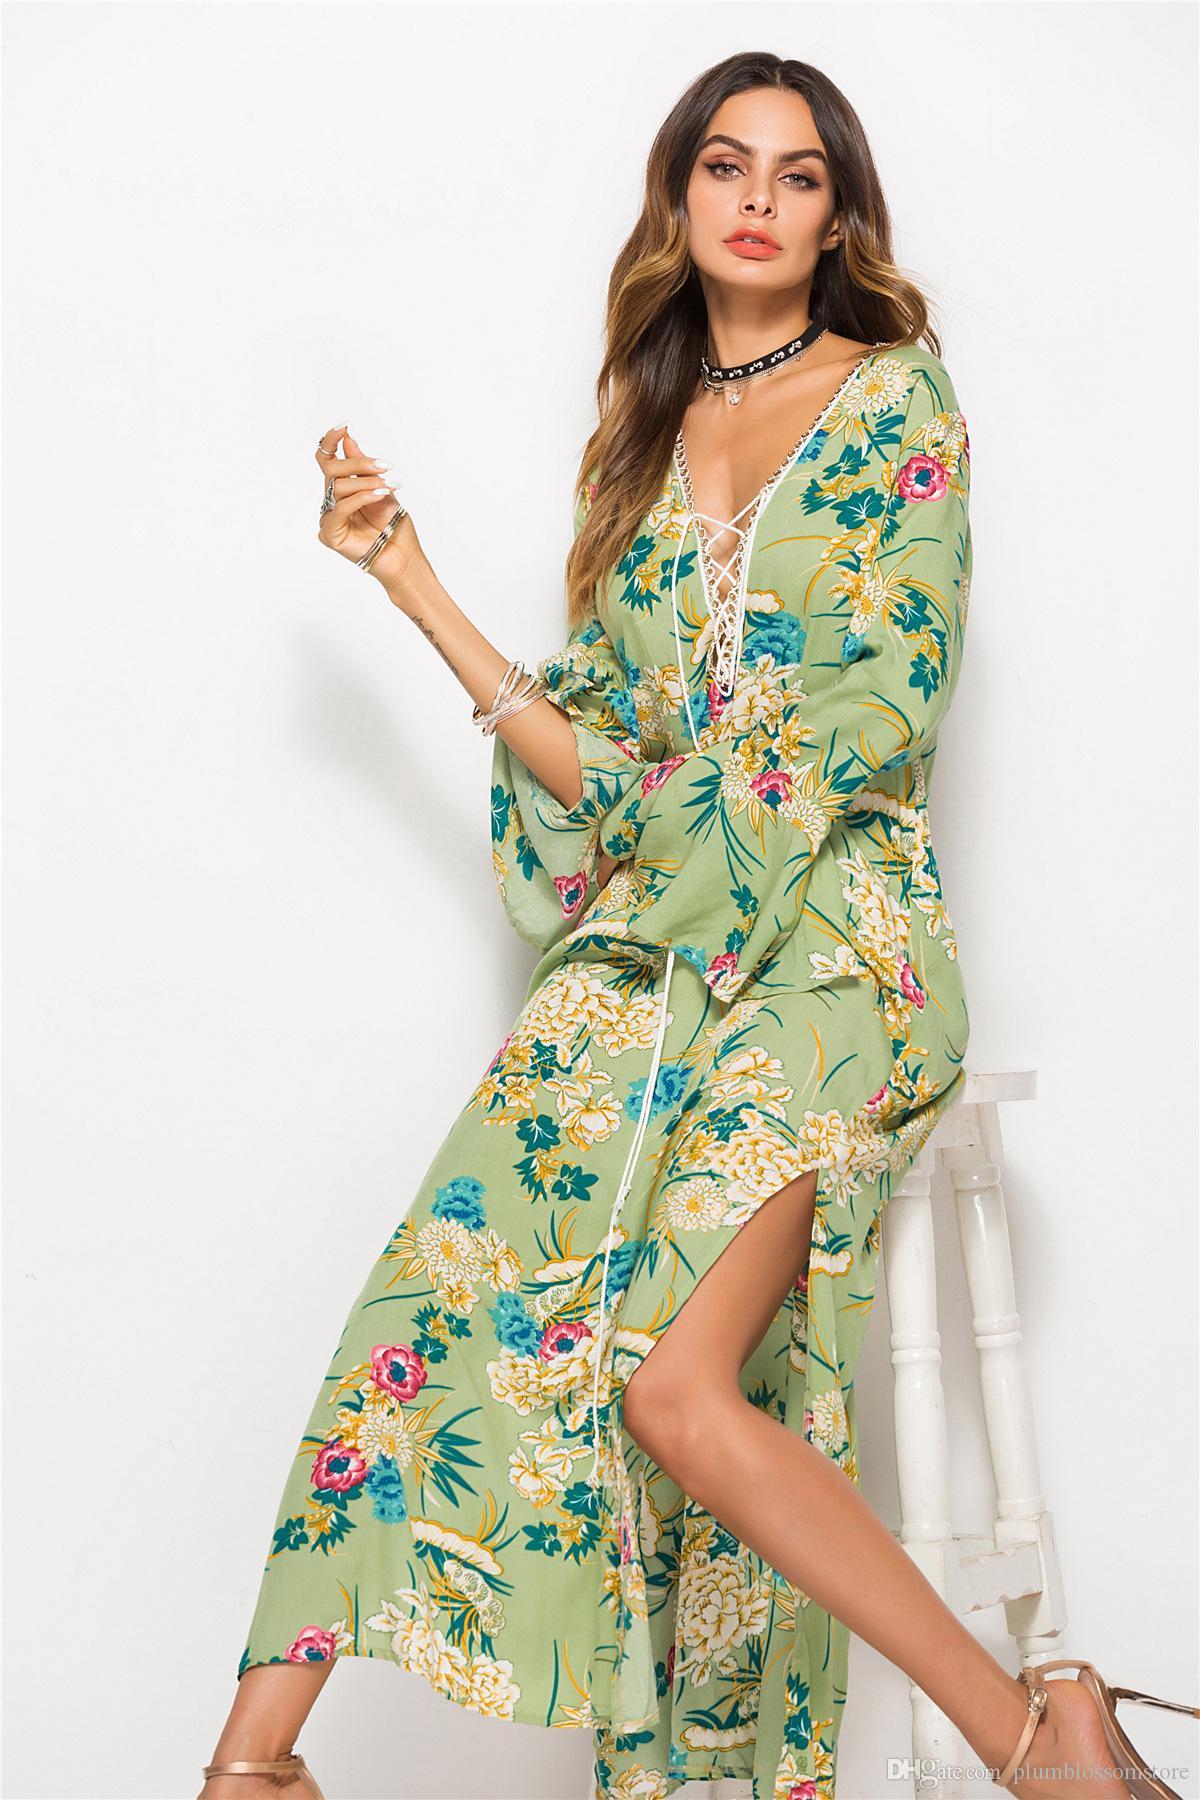 8c6c77f78d9 Großhandel Plus Size Mode Drucken Böhmische Lange Maxi Kleider Frauen Boho  Kleid 2019 Neue Sommerurlaub Lässig V Ausschnitt Sommerkleid Strand Sarongs  Split ...